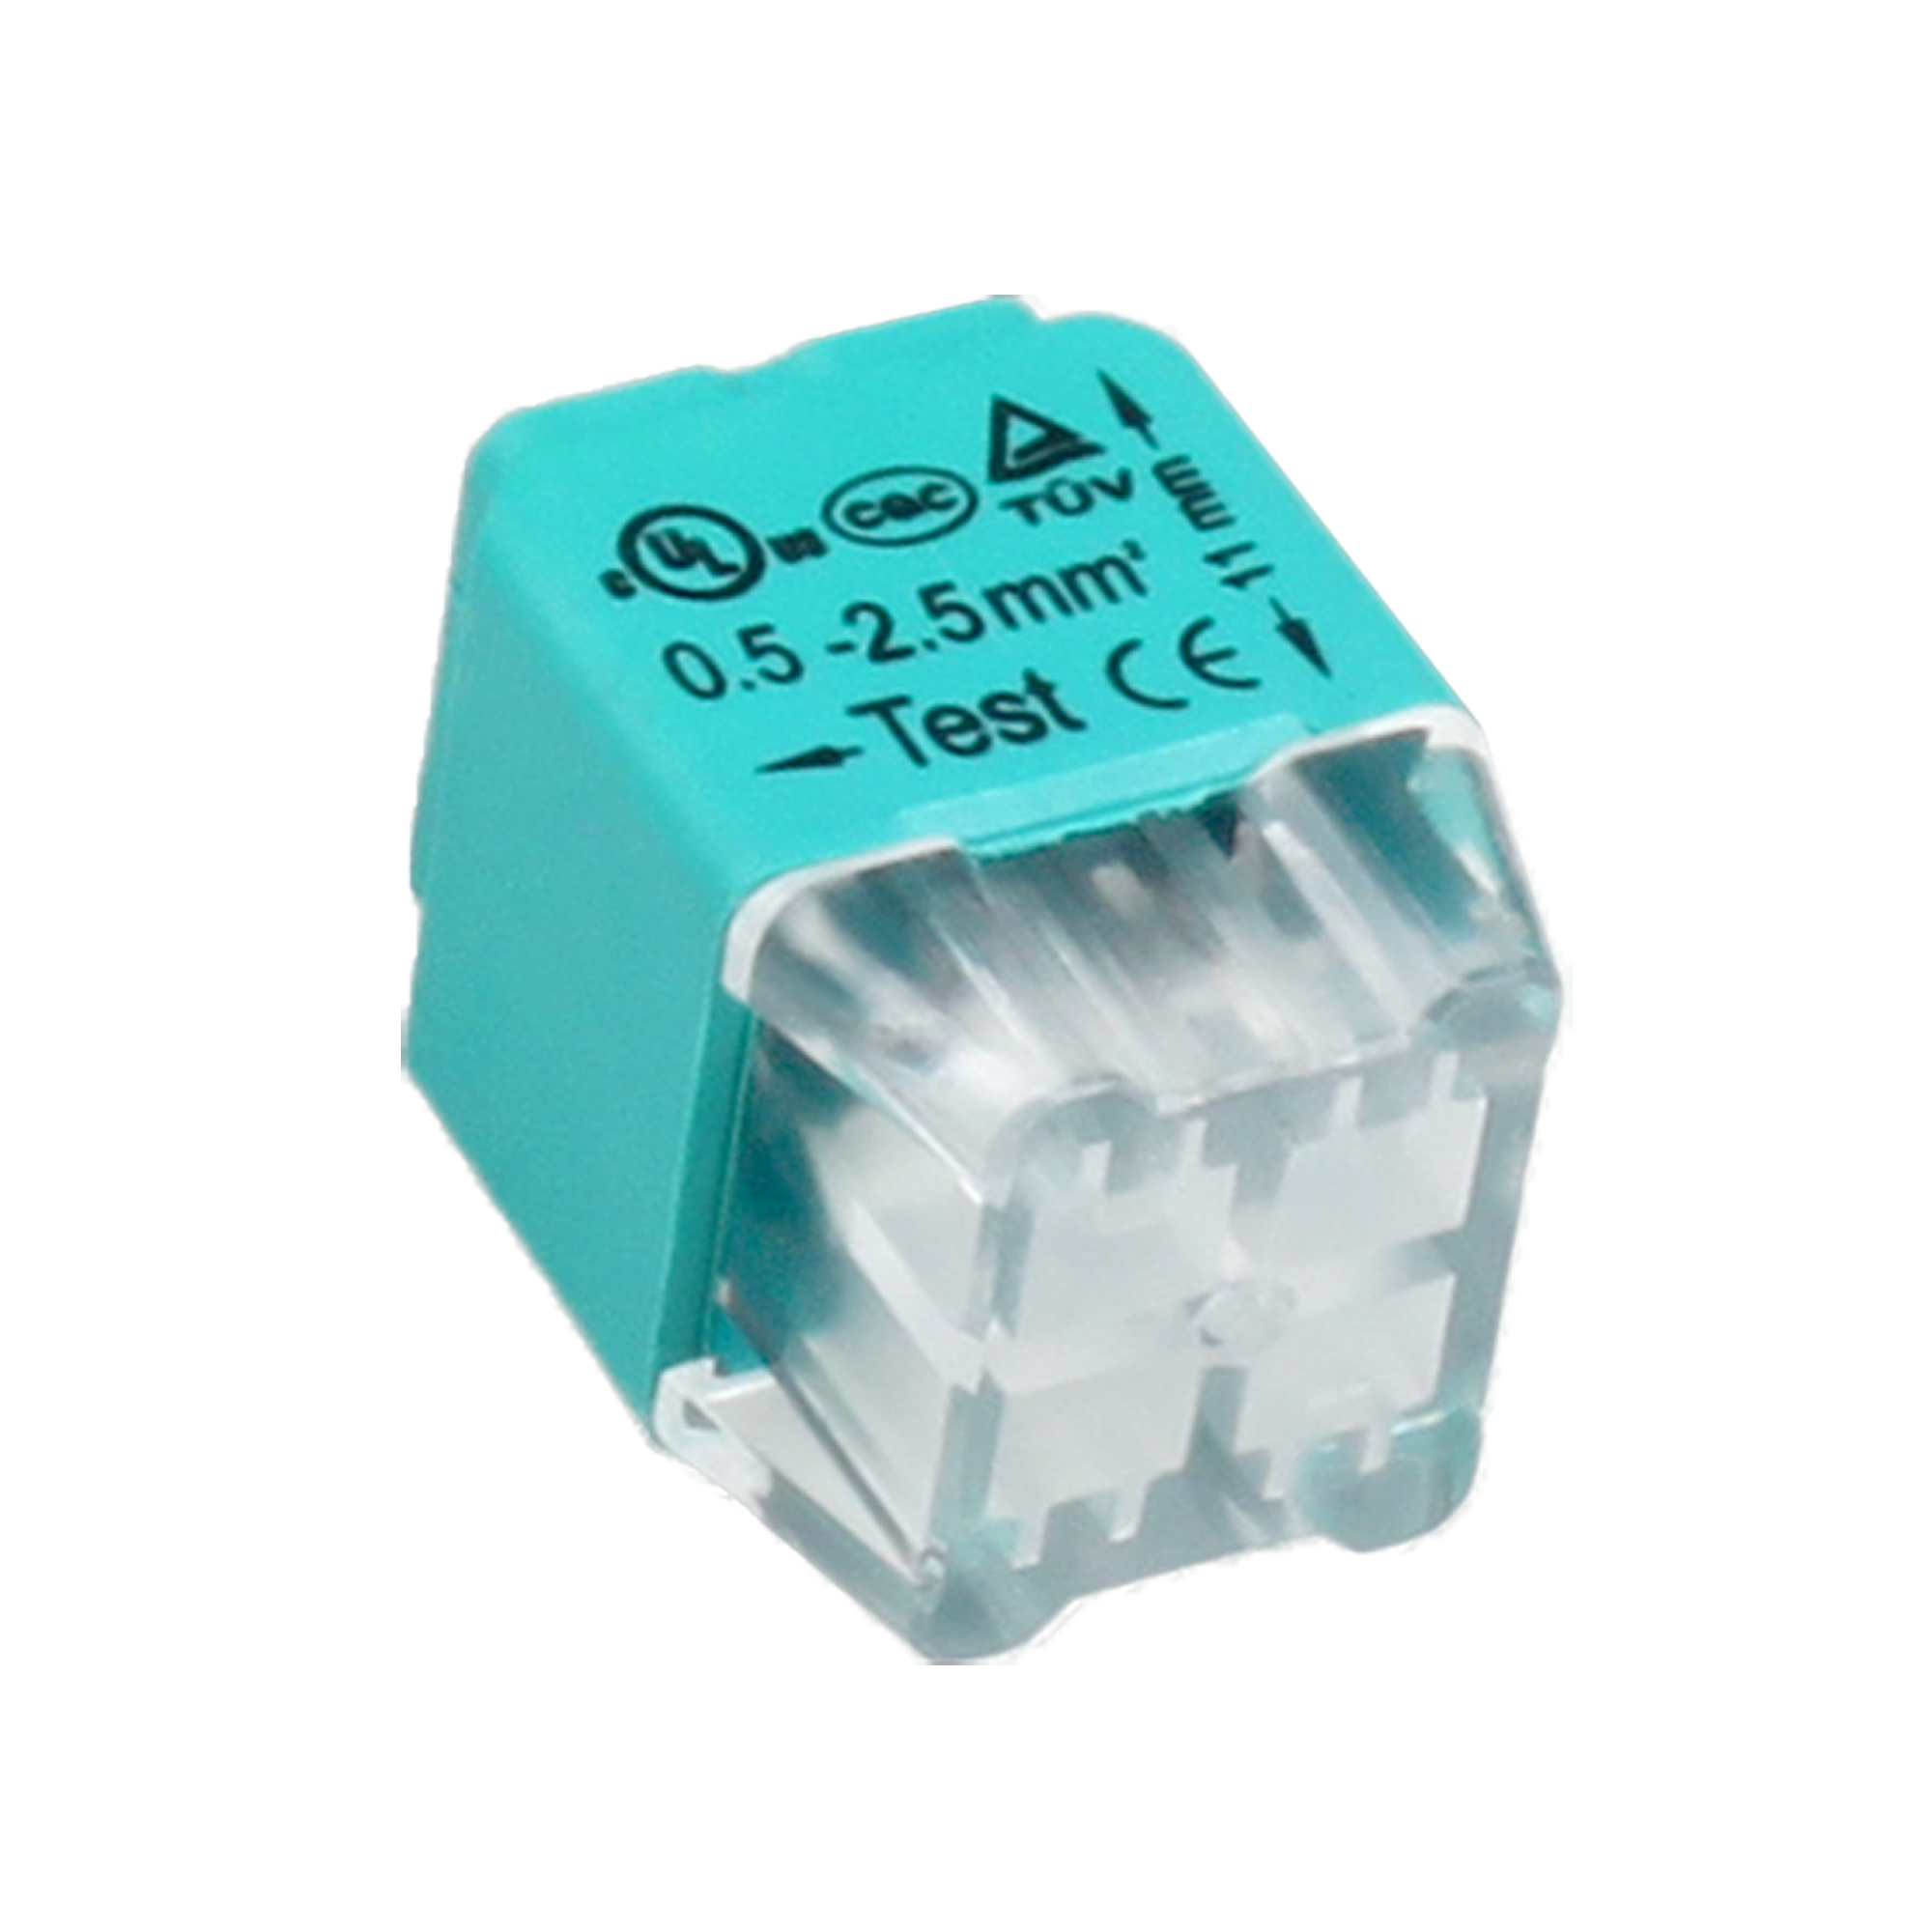 Złączka instalacyjna wciskana 4-przewodowa; Dwurzędowa; Na drut 0,75-2,5mm²; IEC 300V/24A